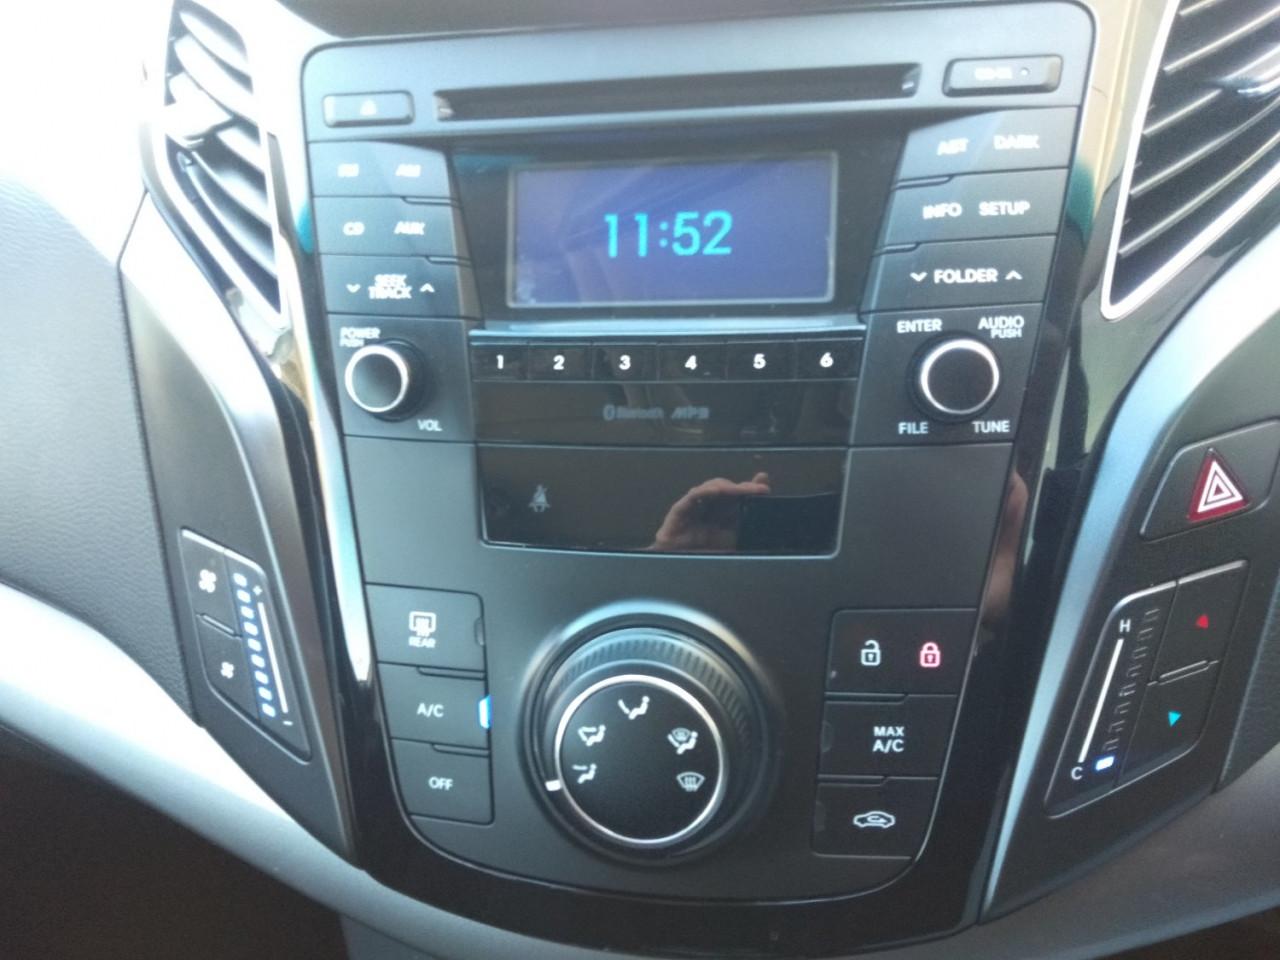 2013 Hyundai I40 VF2 ACTIVE Wagon Image 11